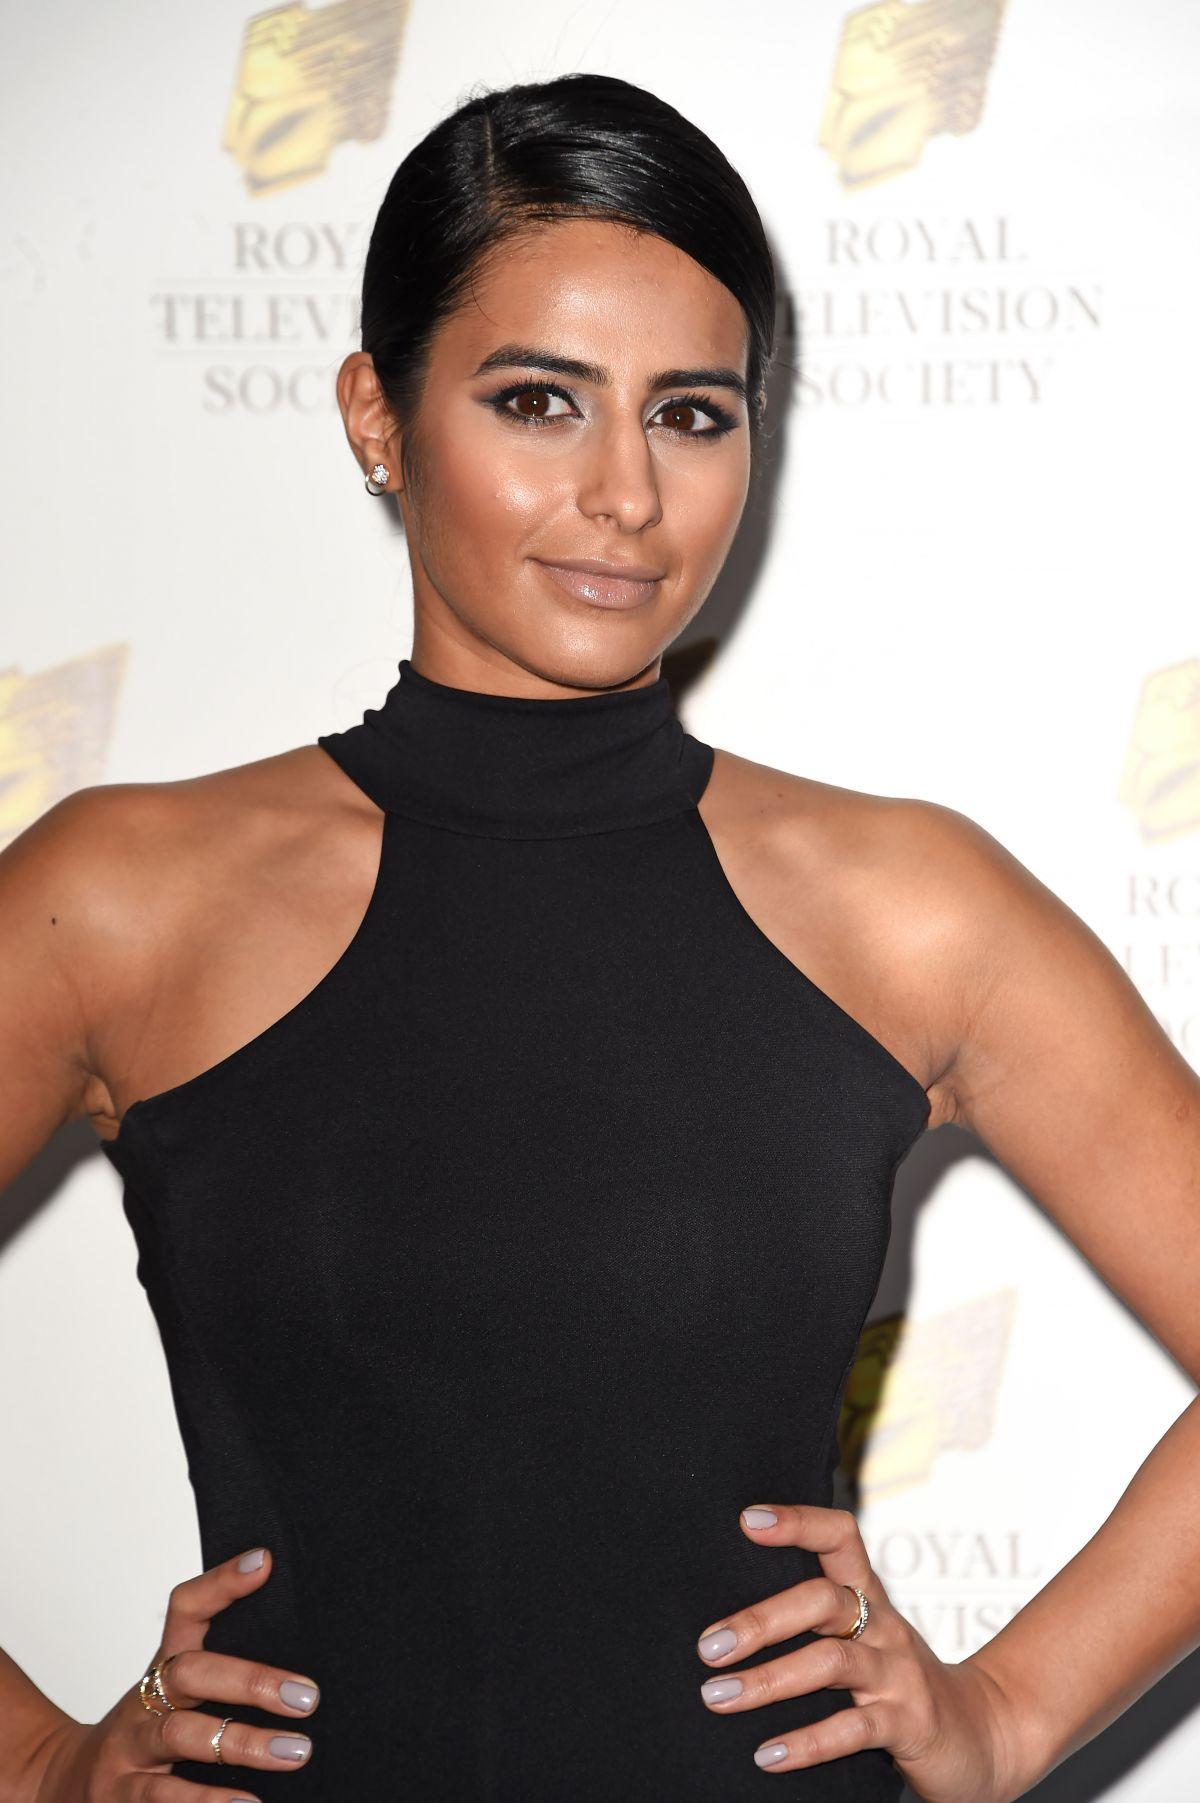 SAIRA KHAN at Royal Television Society Programme Awards in London